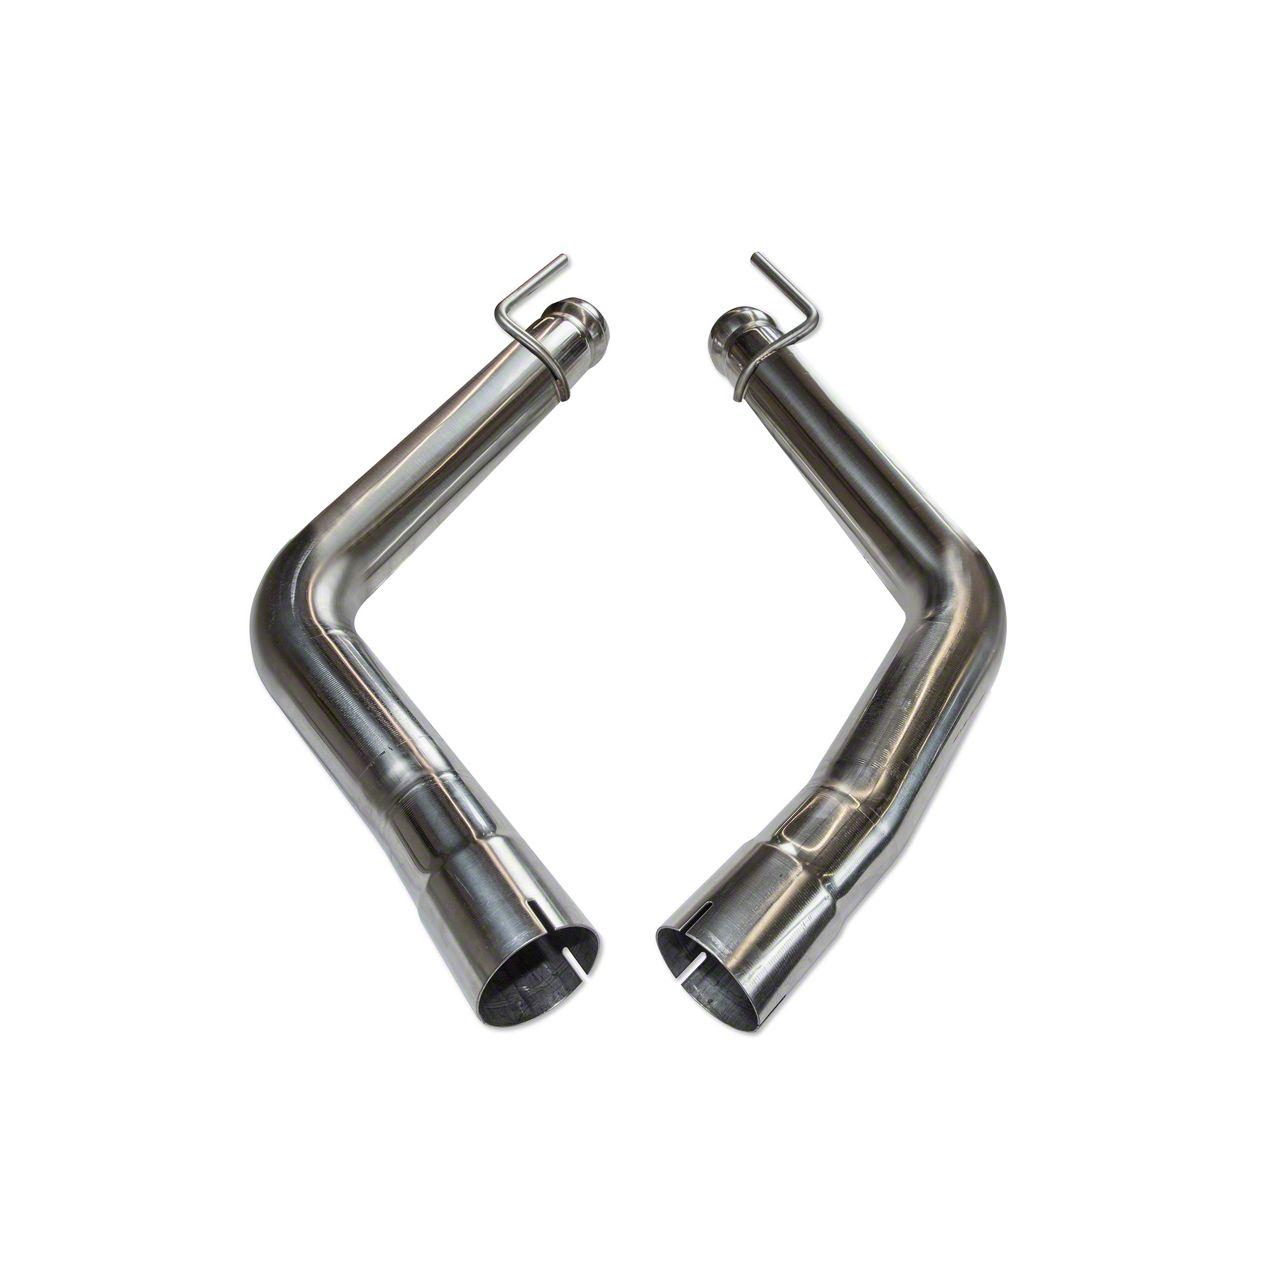 Kooks Muffler Delete Axle-Back Exhaust (15-19 6.2L HEMI)